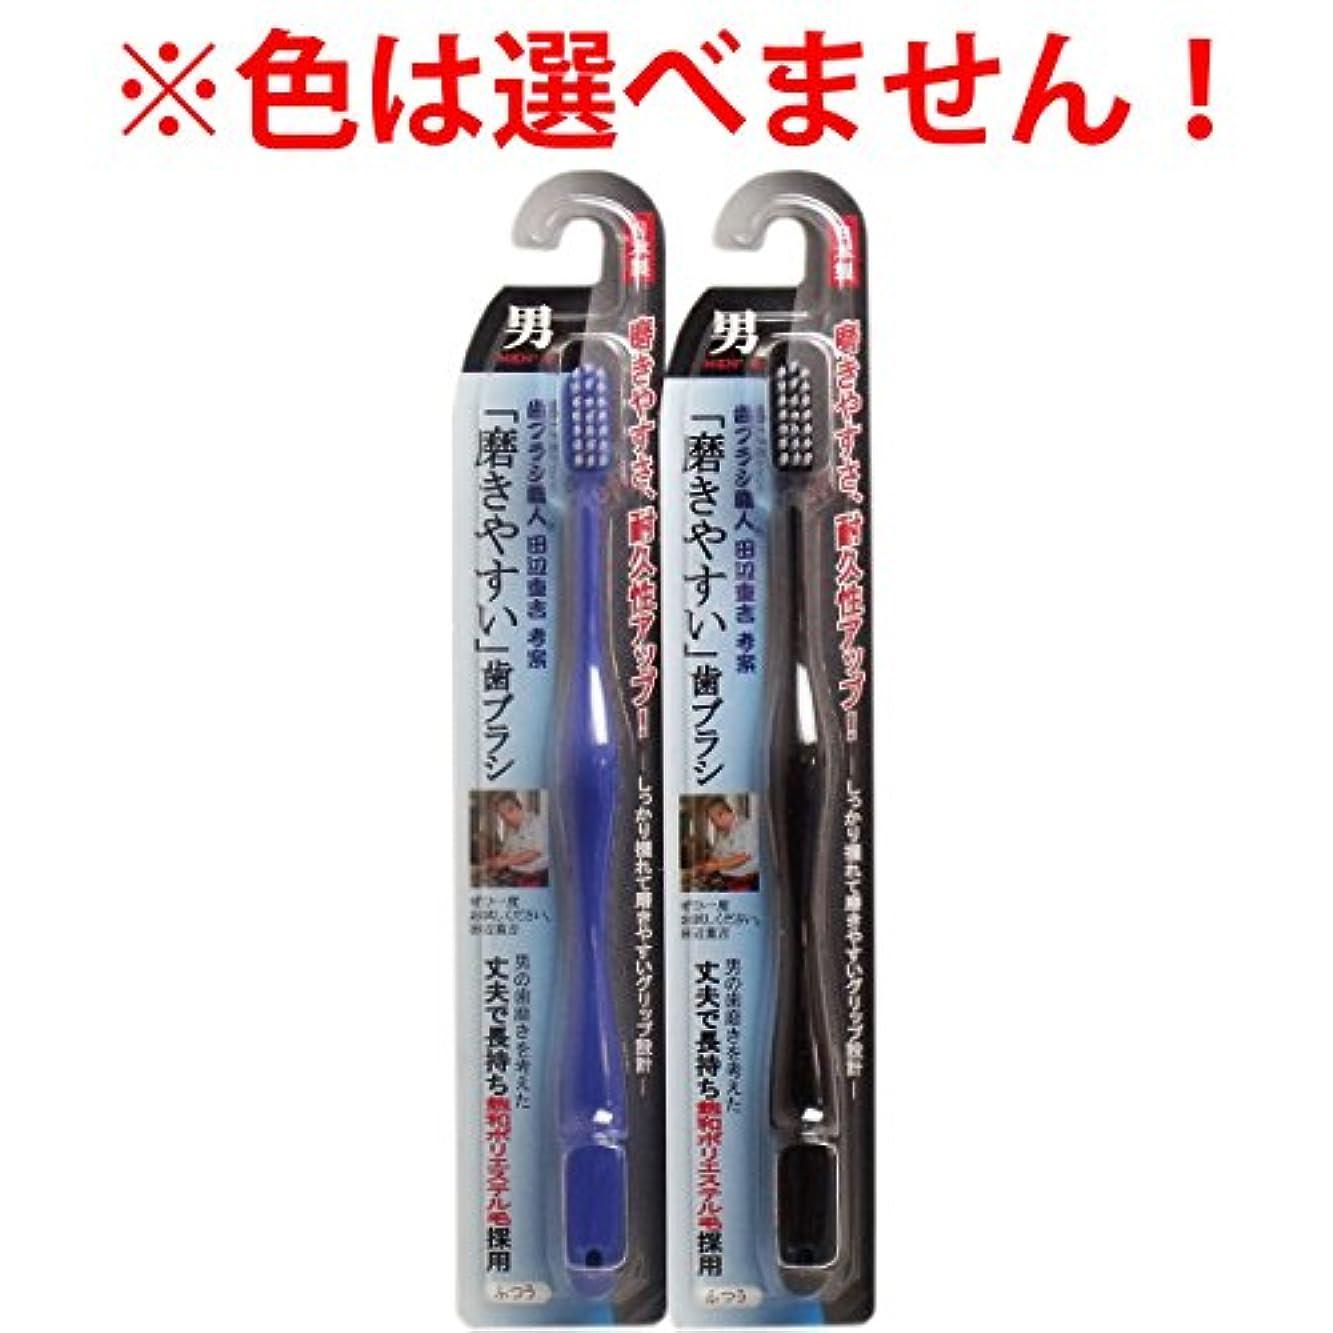 航空お気に入り実証するライフレンジ 「磨きやすい」歯ブラシ男 LT-08 1本